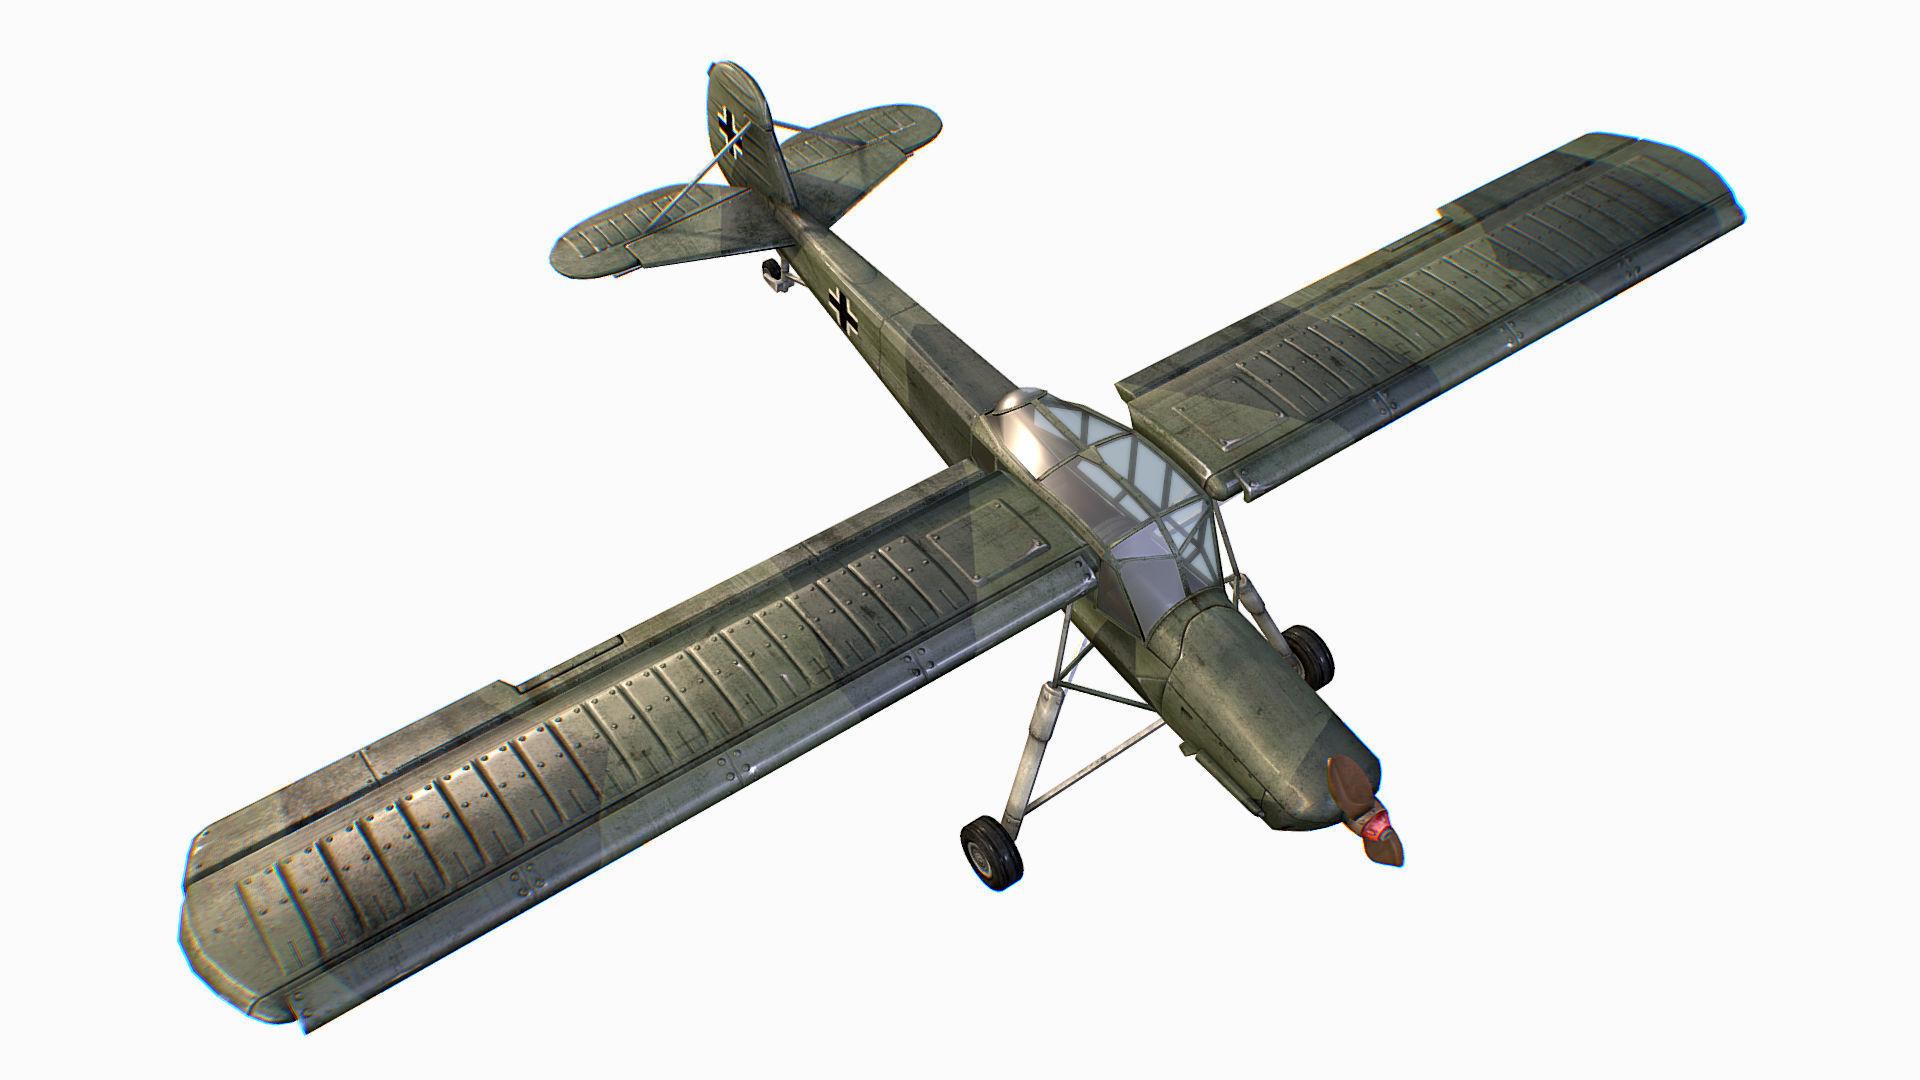 German liaison aircraft Fieseler Fi 156 Storch